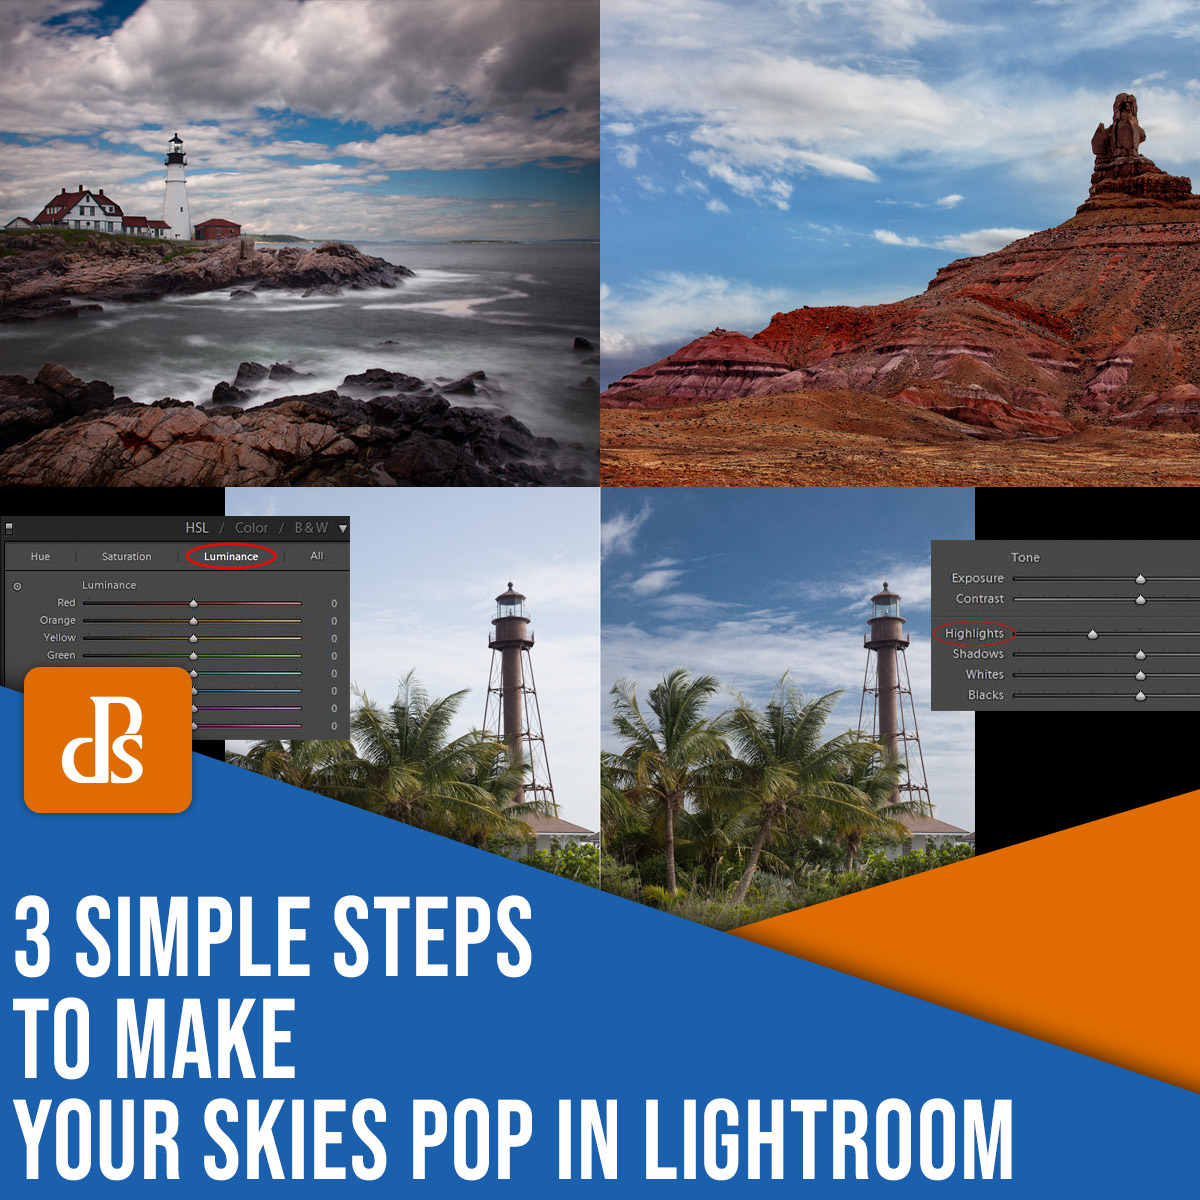 3 simple steps to make your skies pop in Lightroom